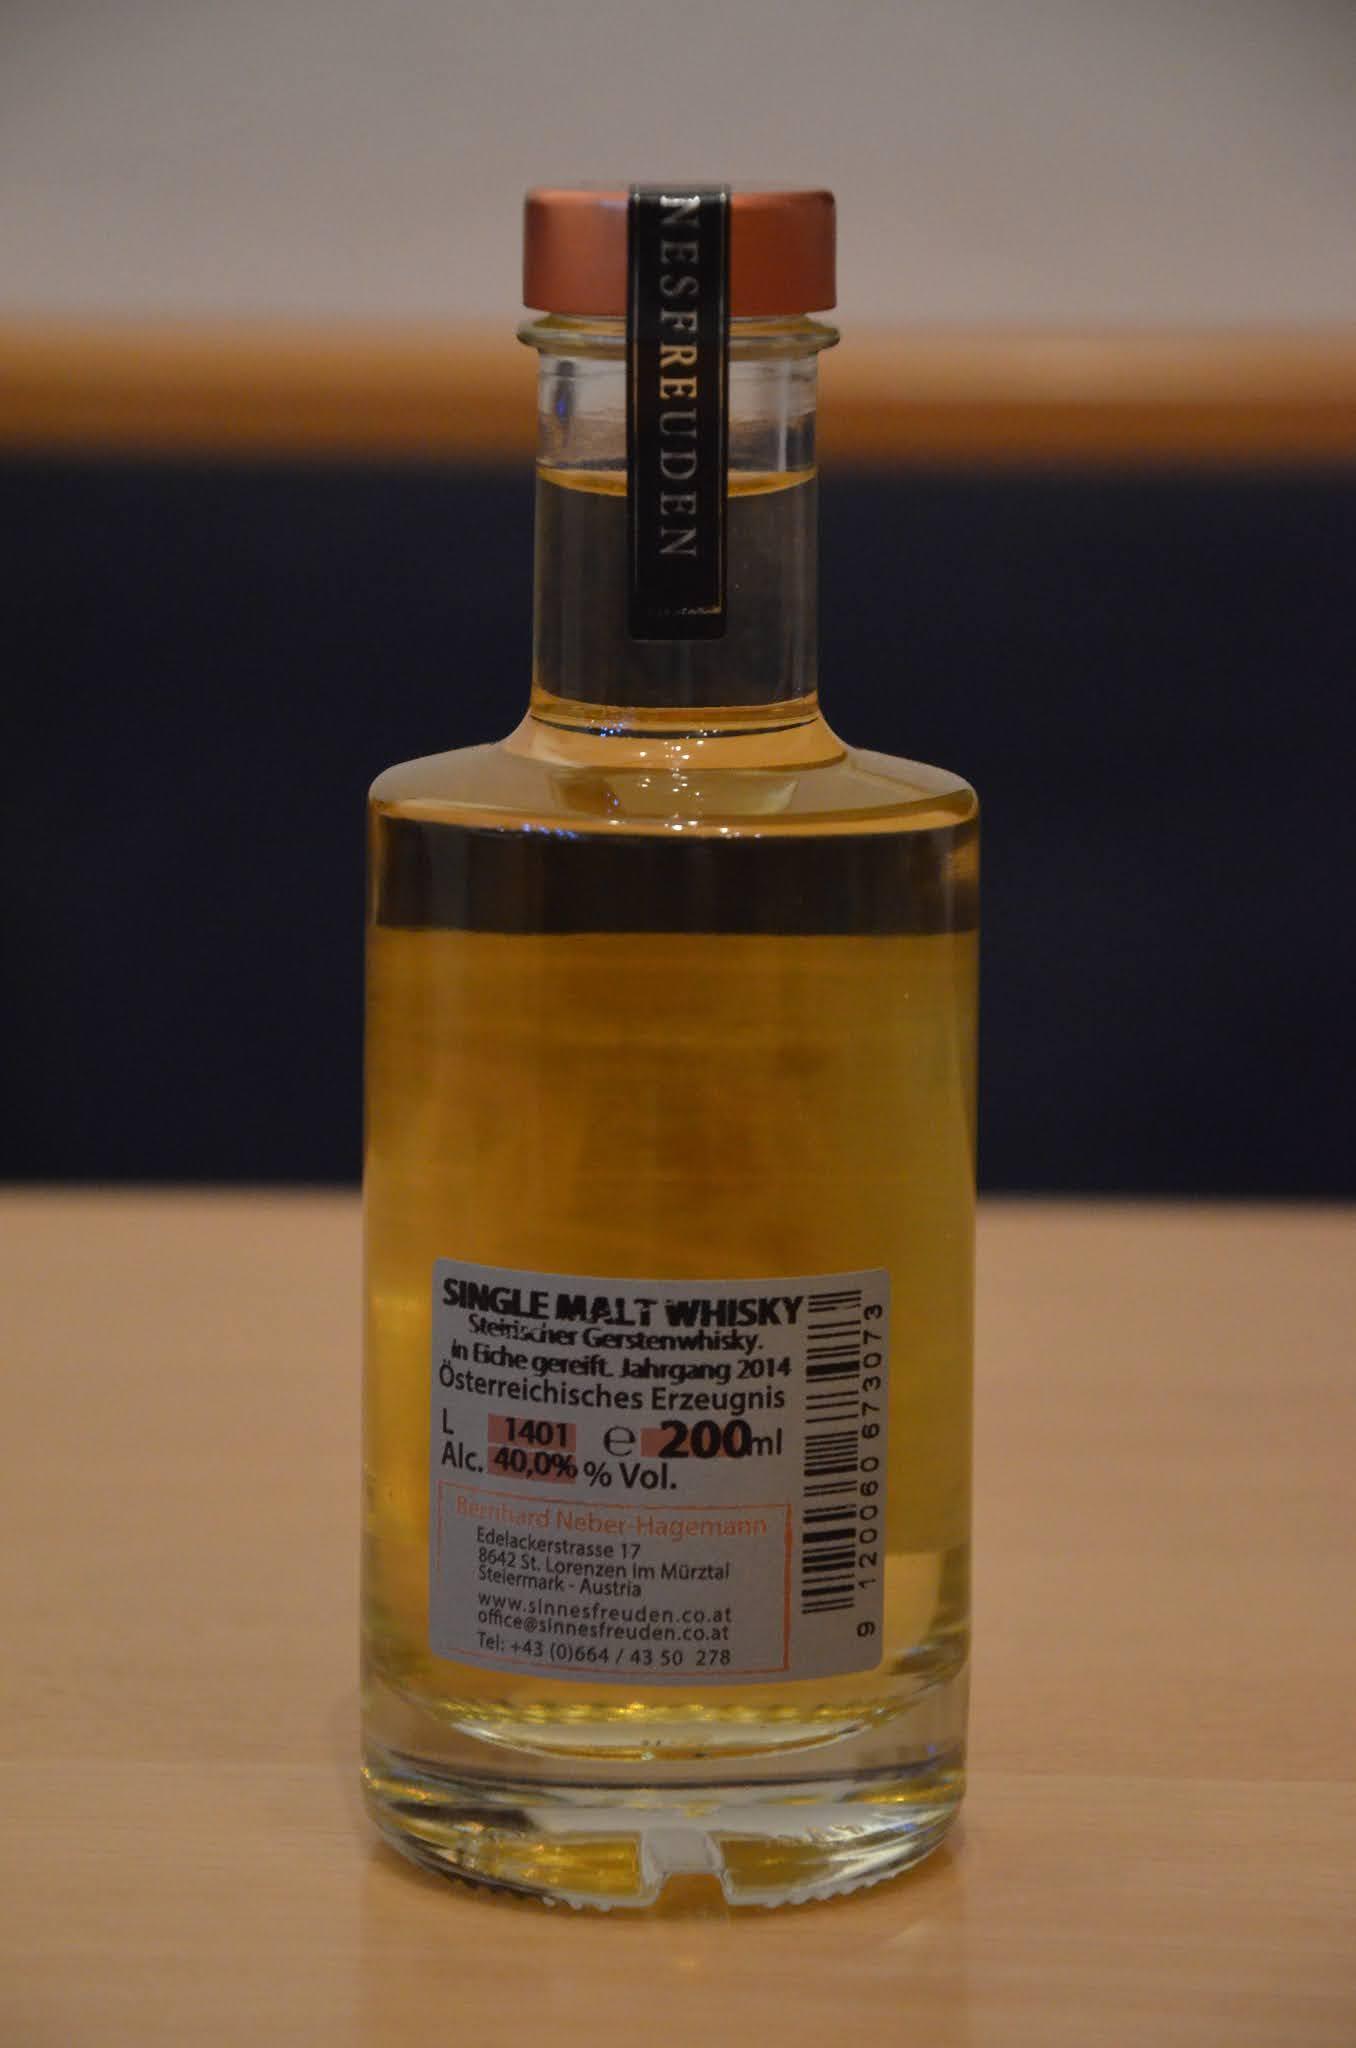 Tiroler single malt preis